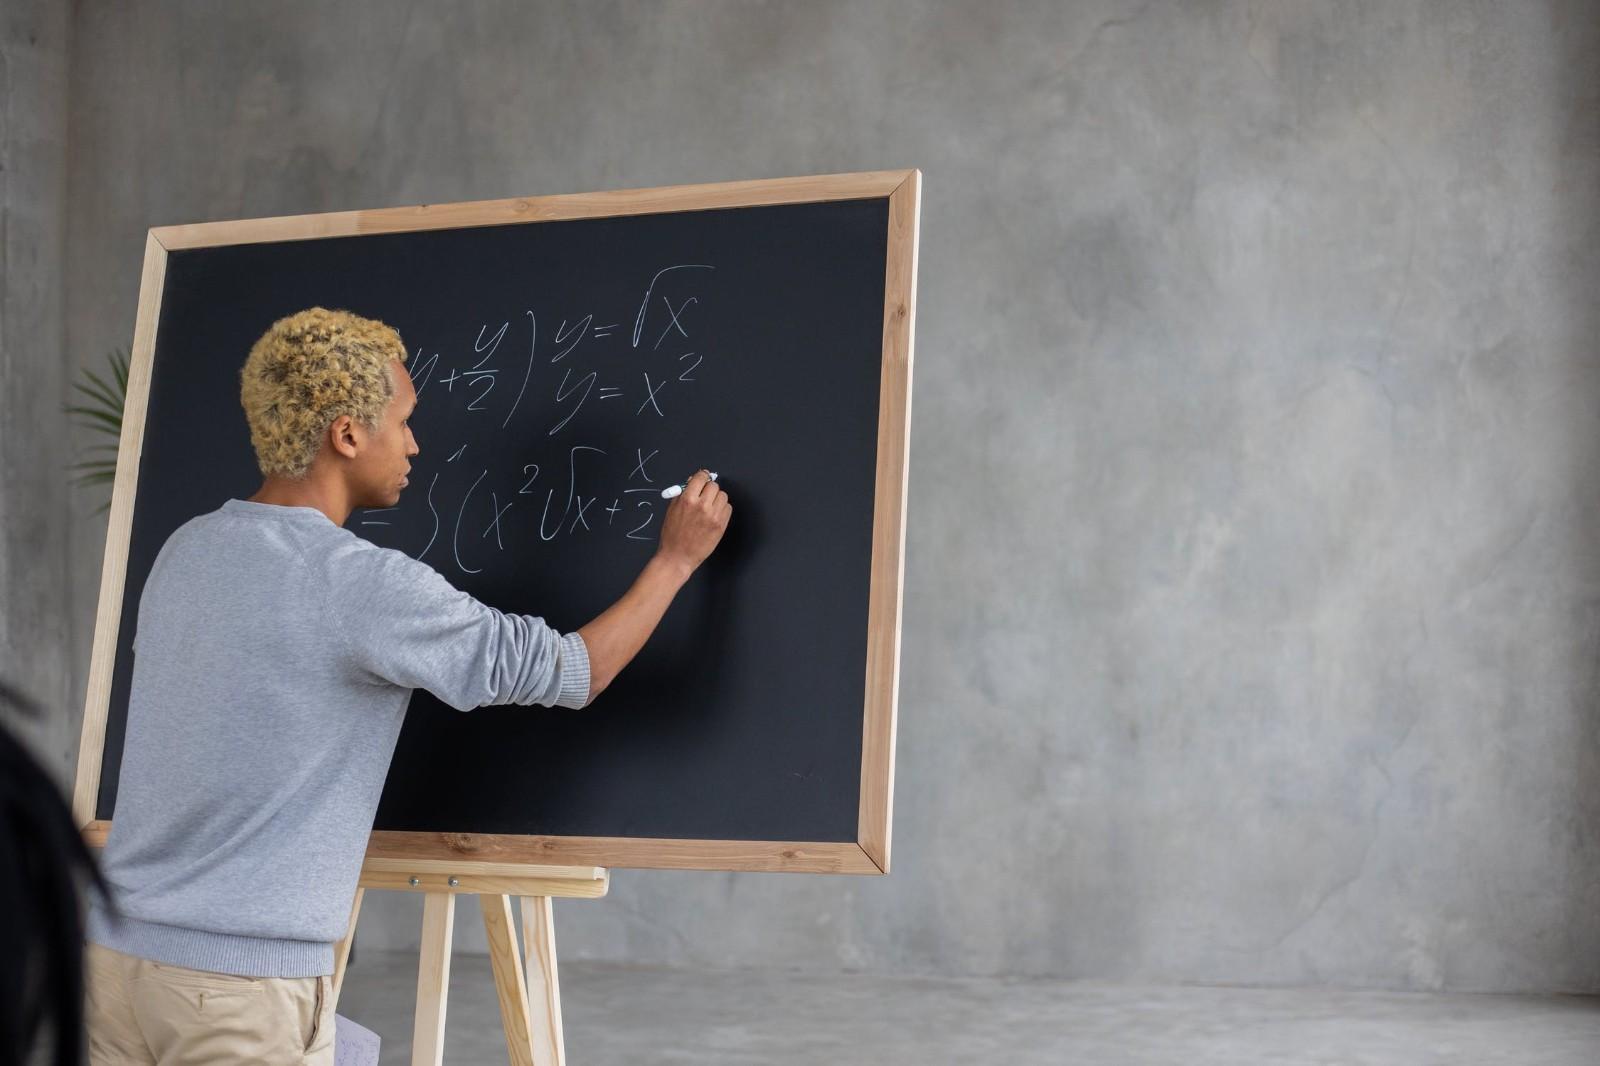 西安考教师资格证书用书(考完研再考教师资格证可以吗)